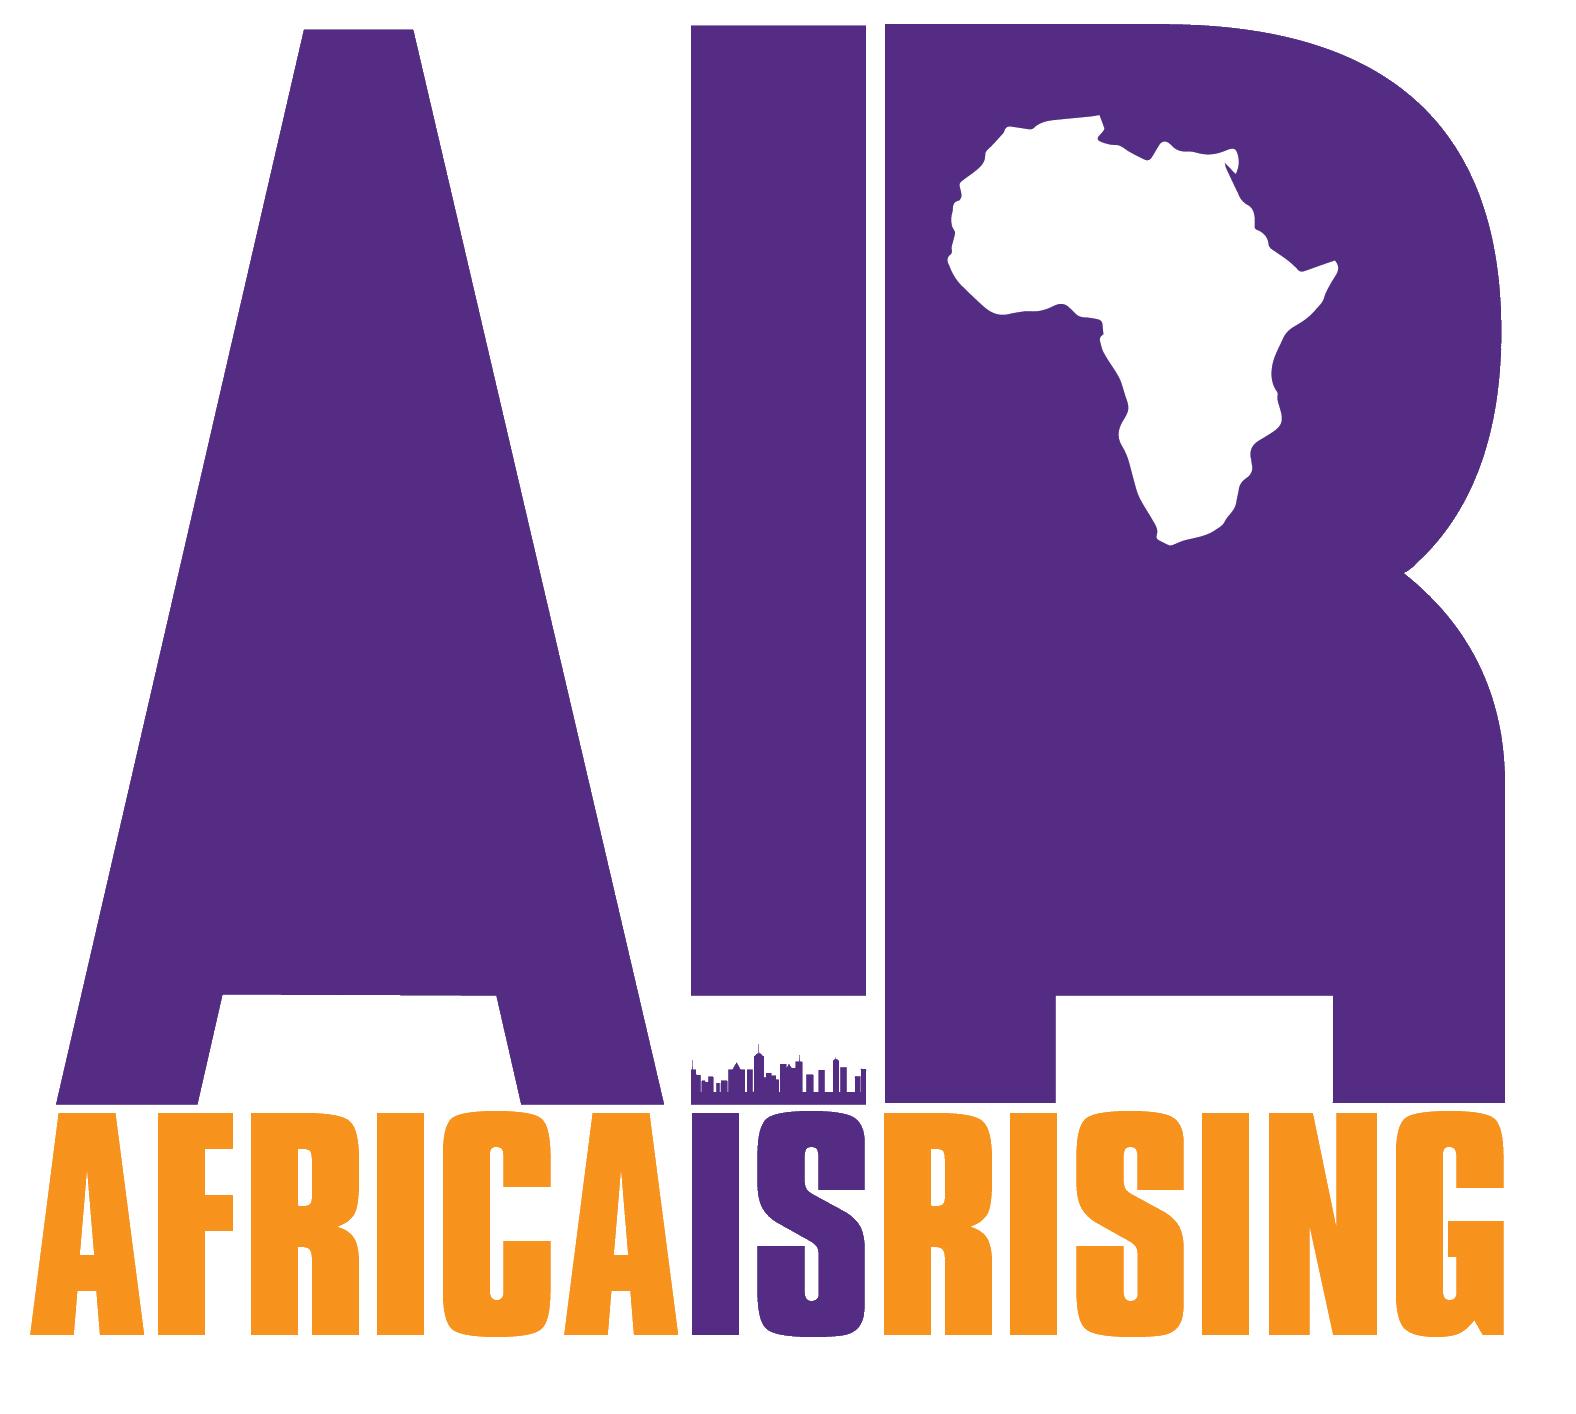 AFRICA RISING LOGO H